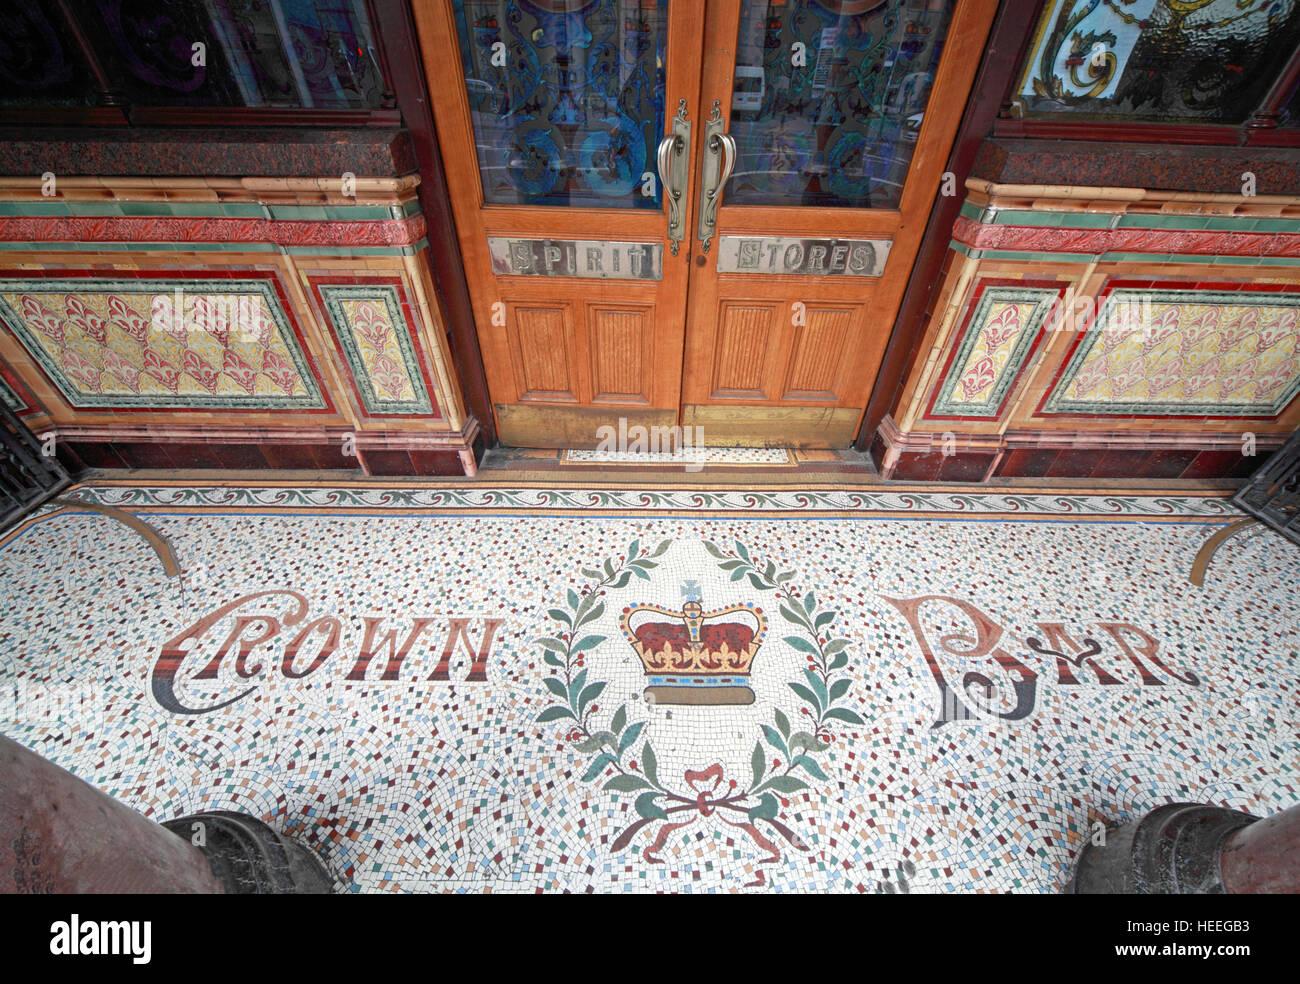 Laden Sie dieses Alamy Stockfoto Famous Crown Bar, Mosaik Eingangsebene Gt Victoria St, Belfast, Nordirland, Vereinigtes Königreich - HEEGB3